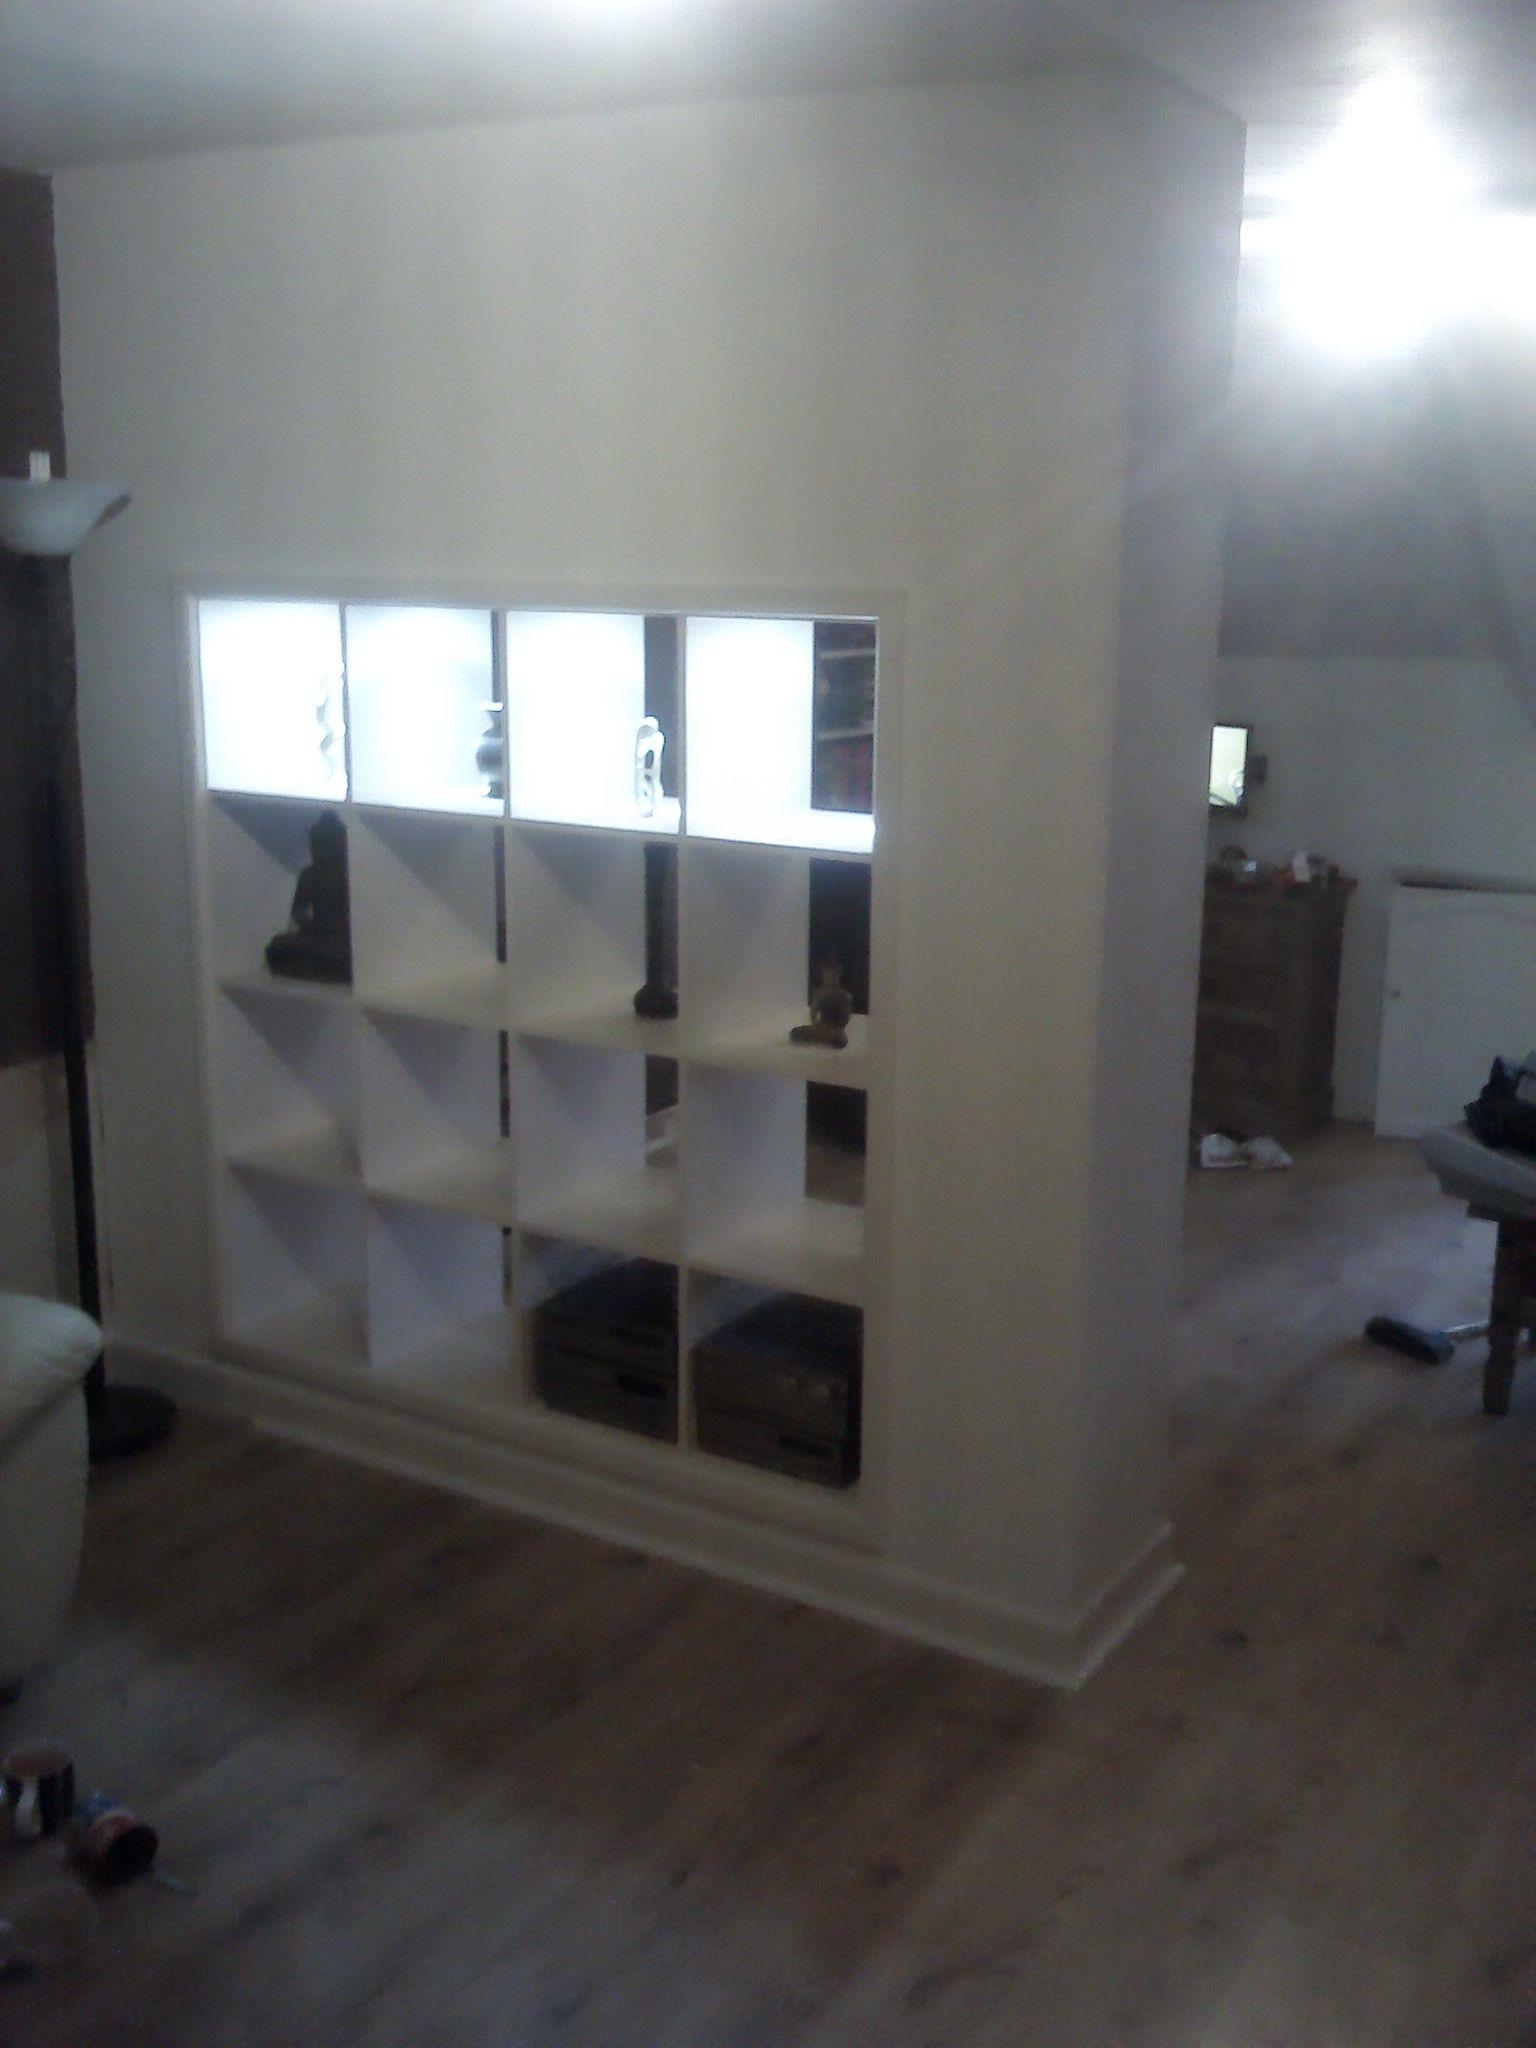 Expedit Built In Room Divider Cloison De Separation Ikea